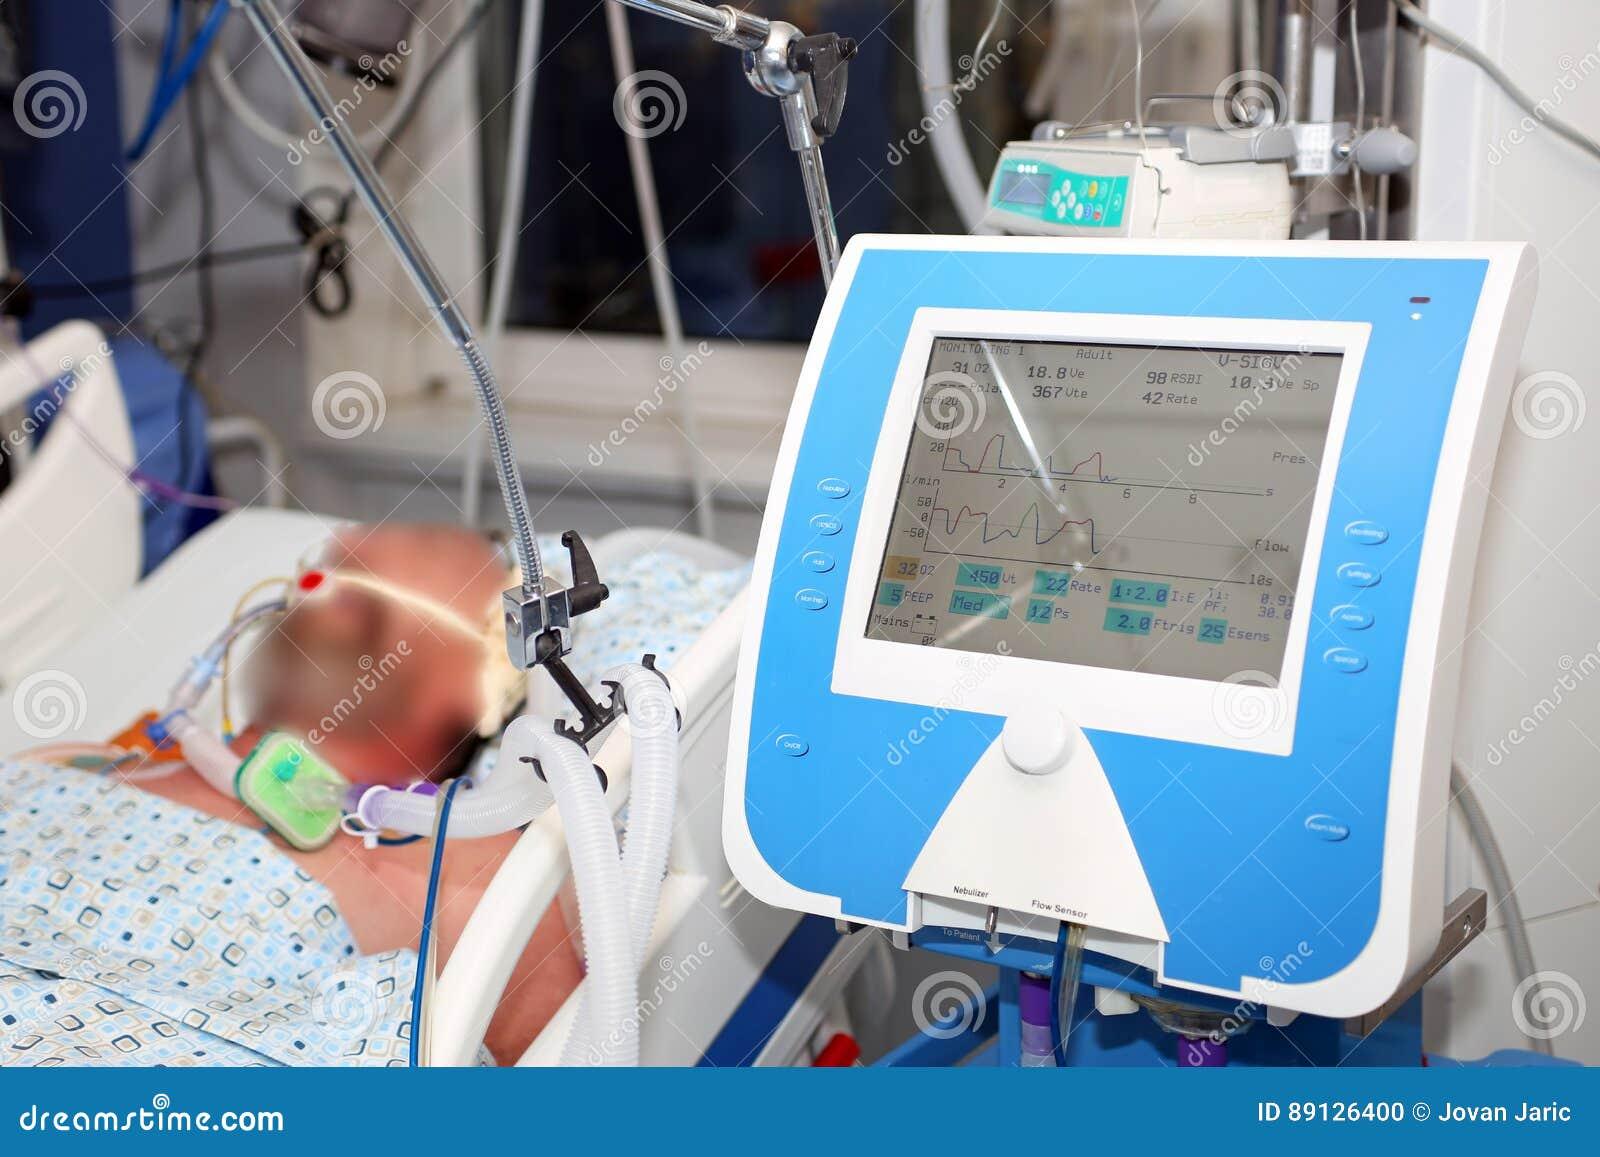 Mechanical ventilation, critical ill patient